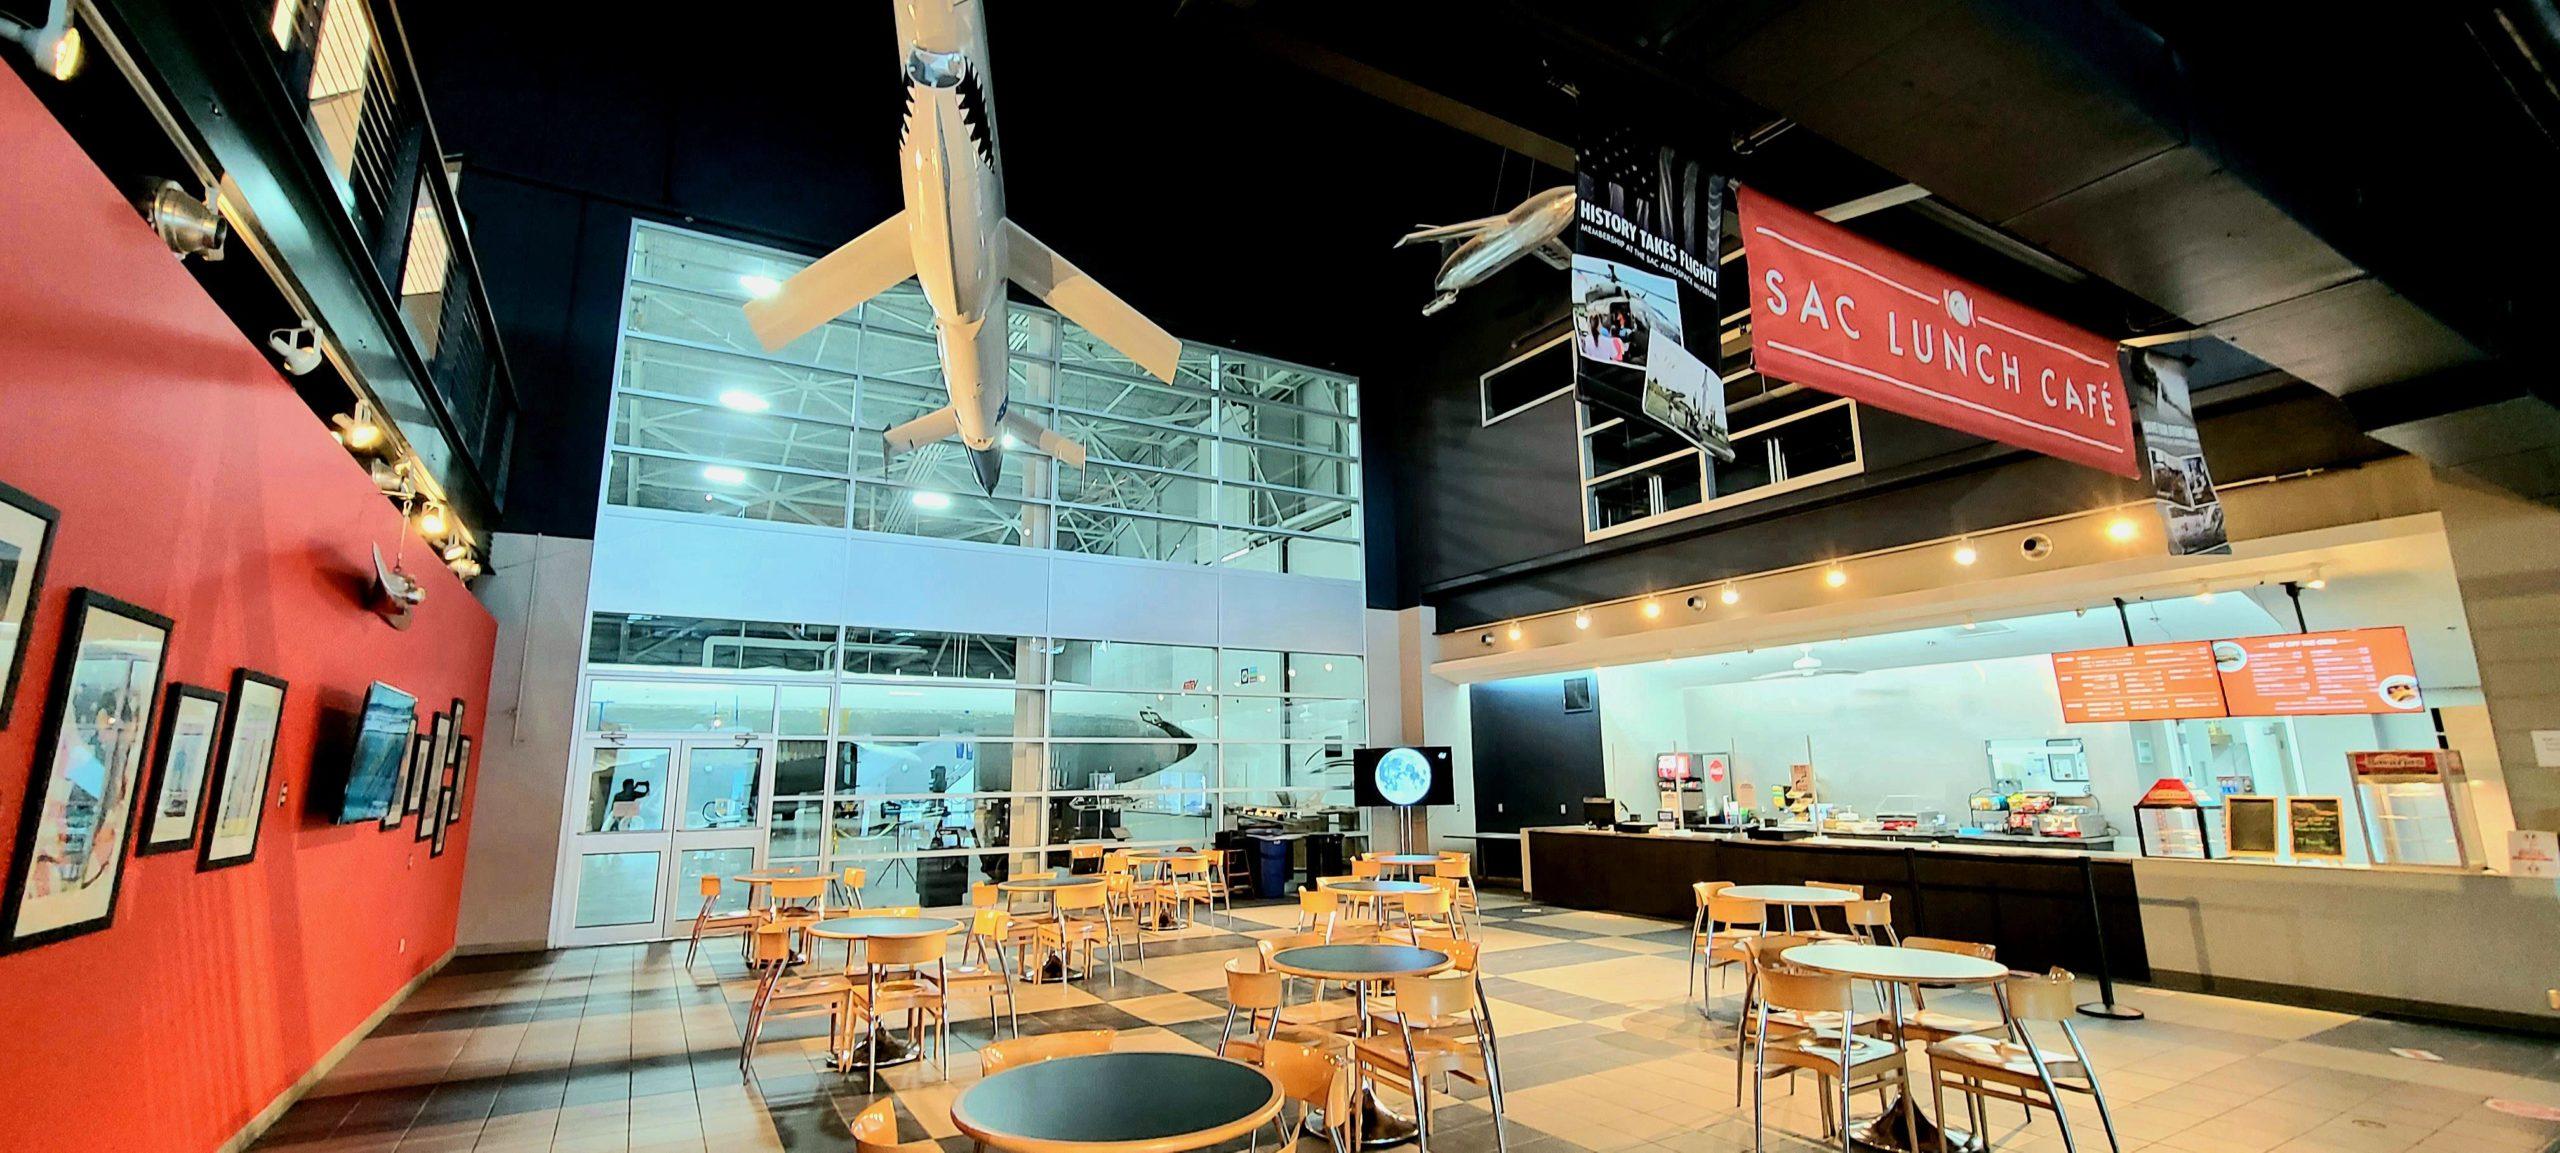 SAC Lunch Café